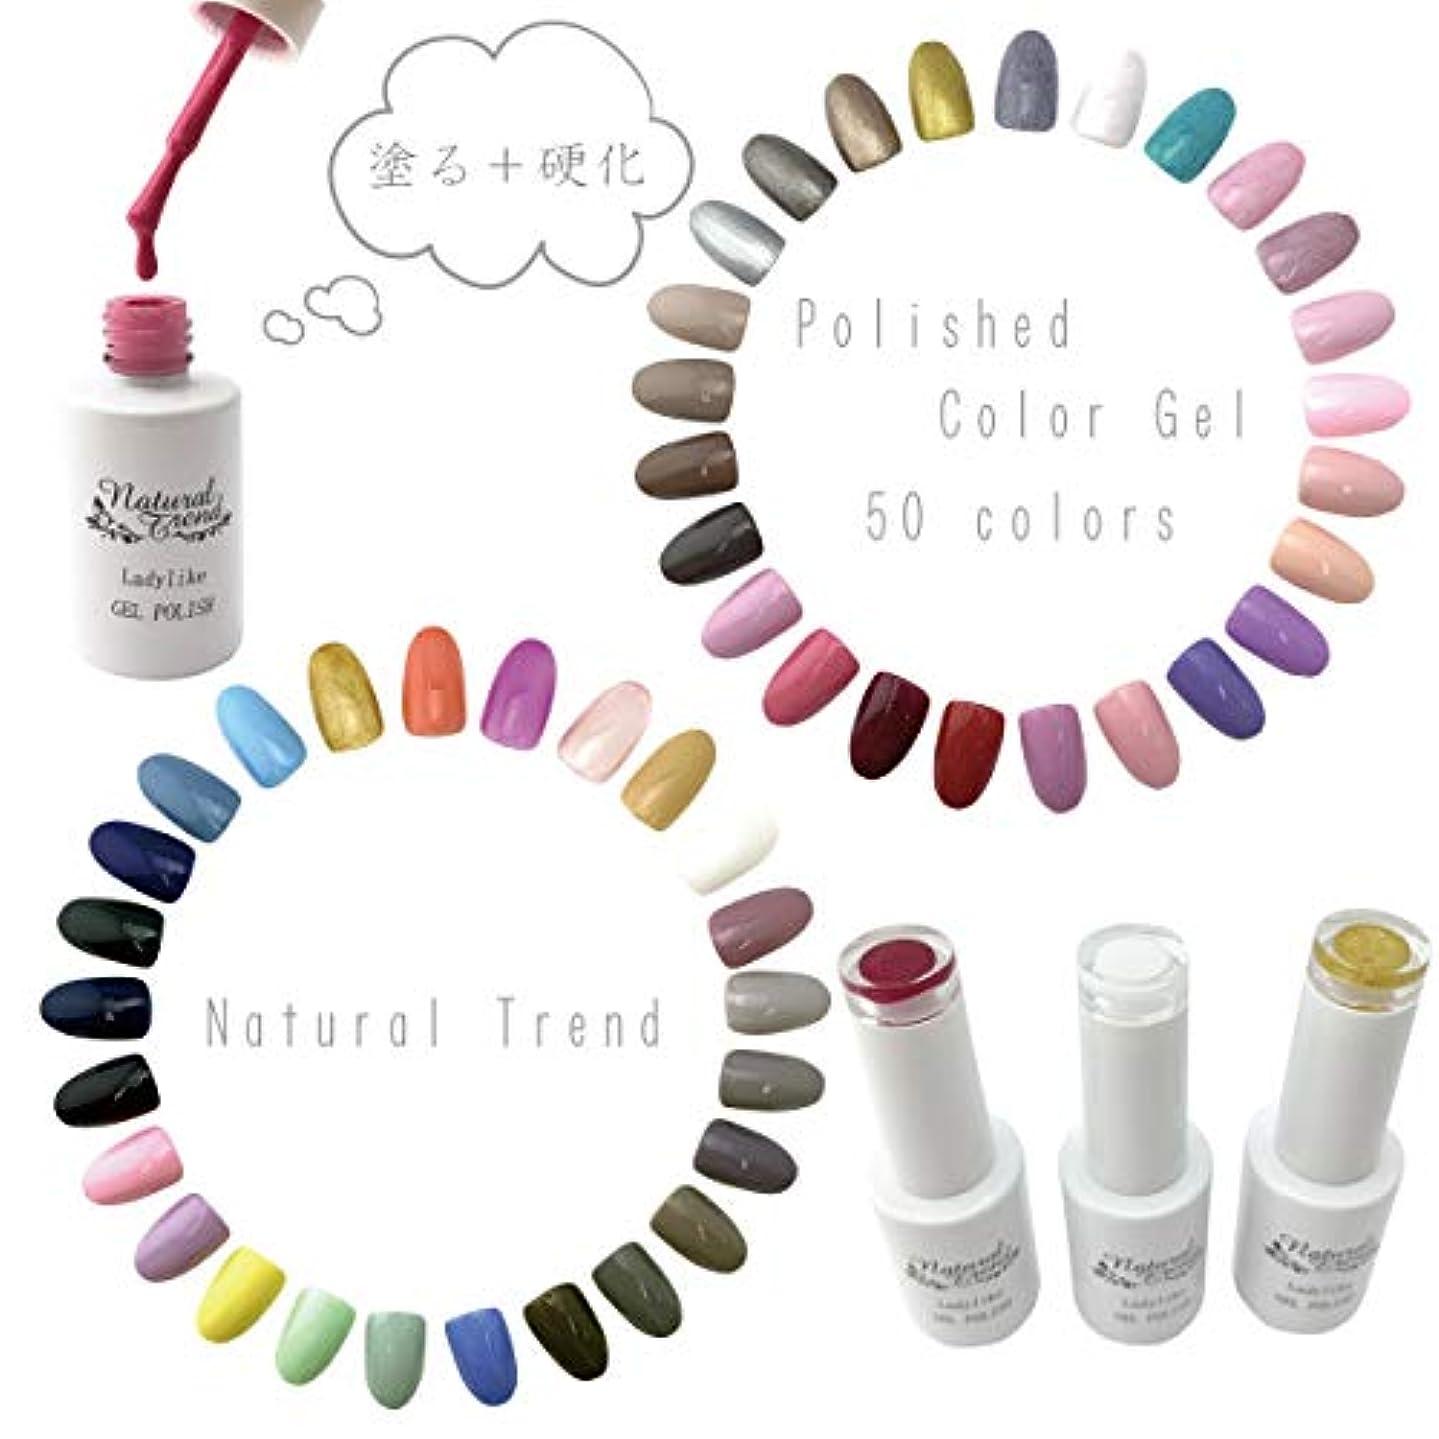 問い合わせる傷跡おとうさんNaturalTrend ジェルネイル カラー 50色 8ml UV?LED ポリッシュタイプ カラージェル (05, office)